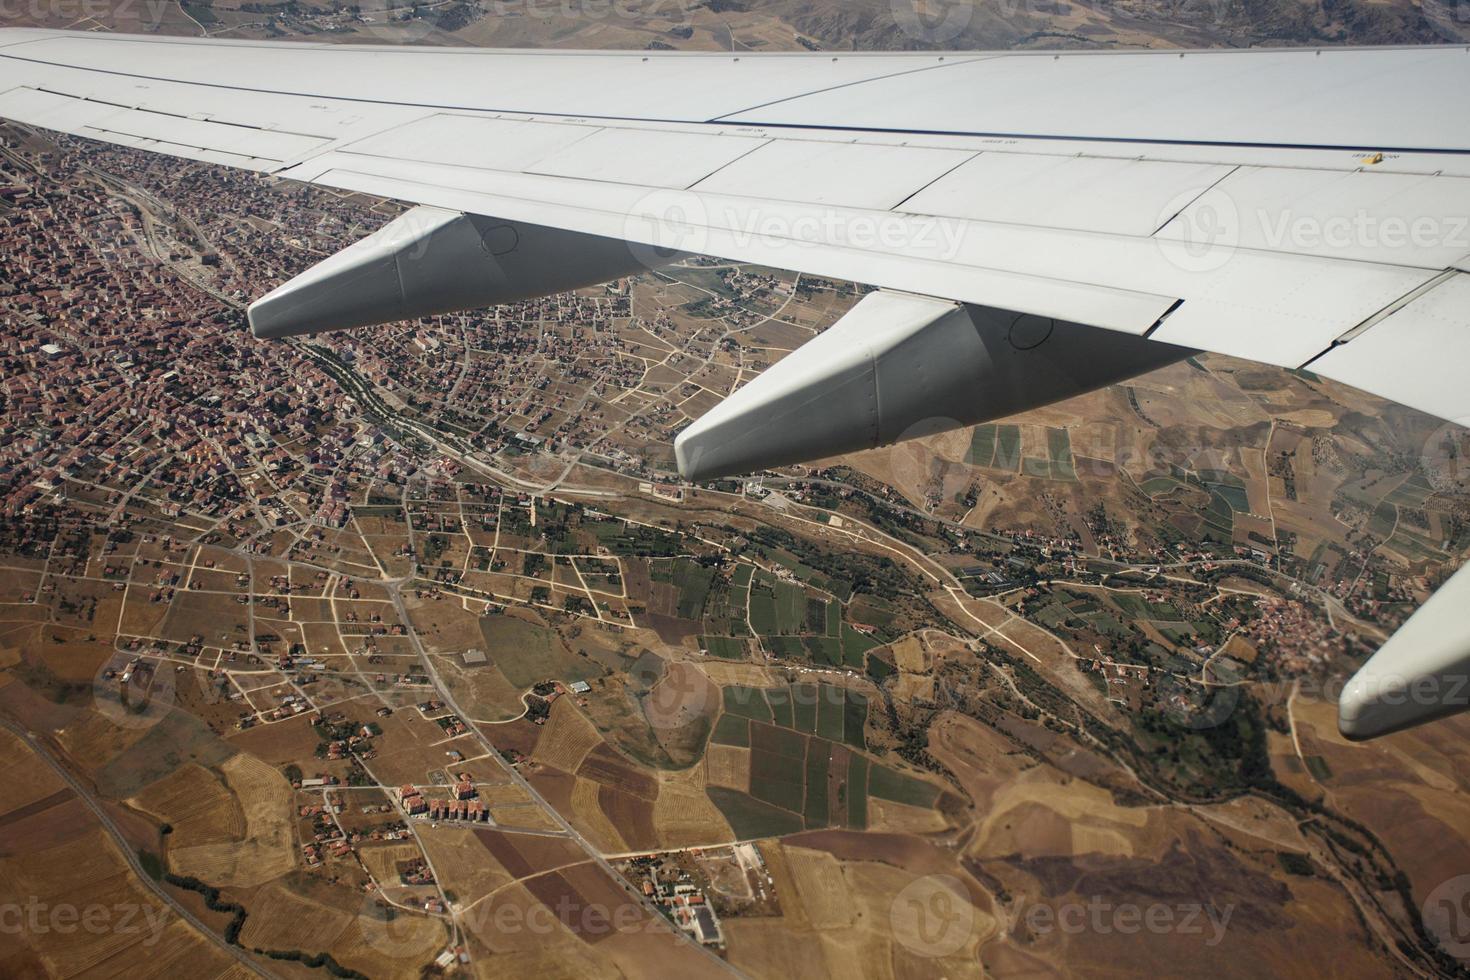 vliegtuigvleugel boven het vogelperspectief foto